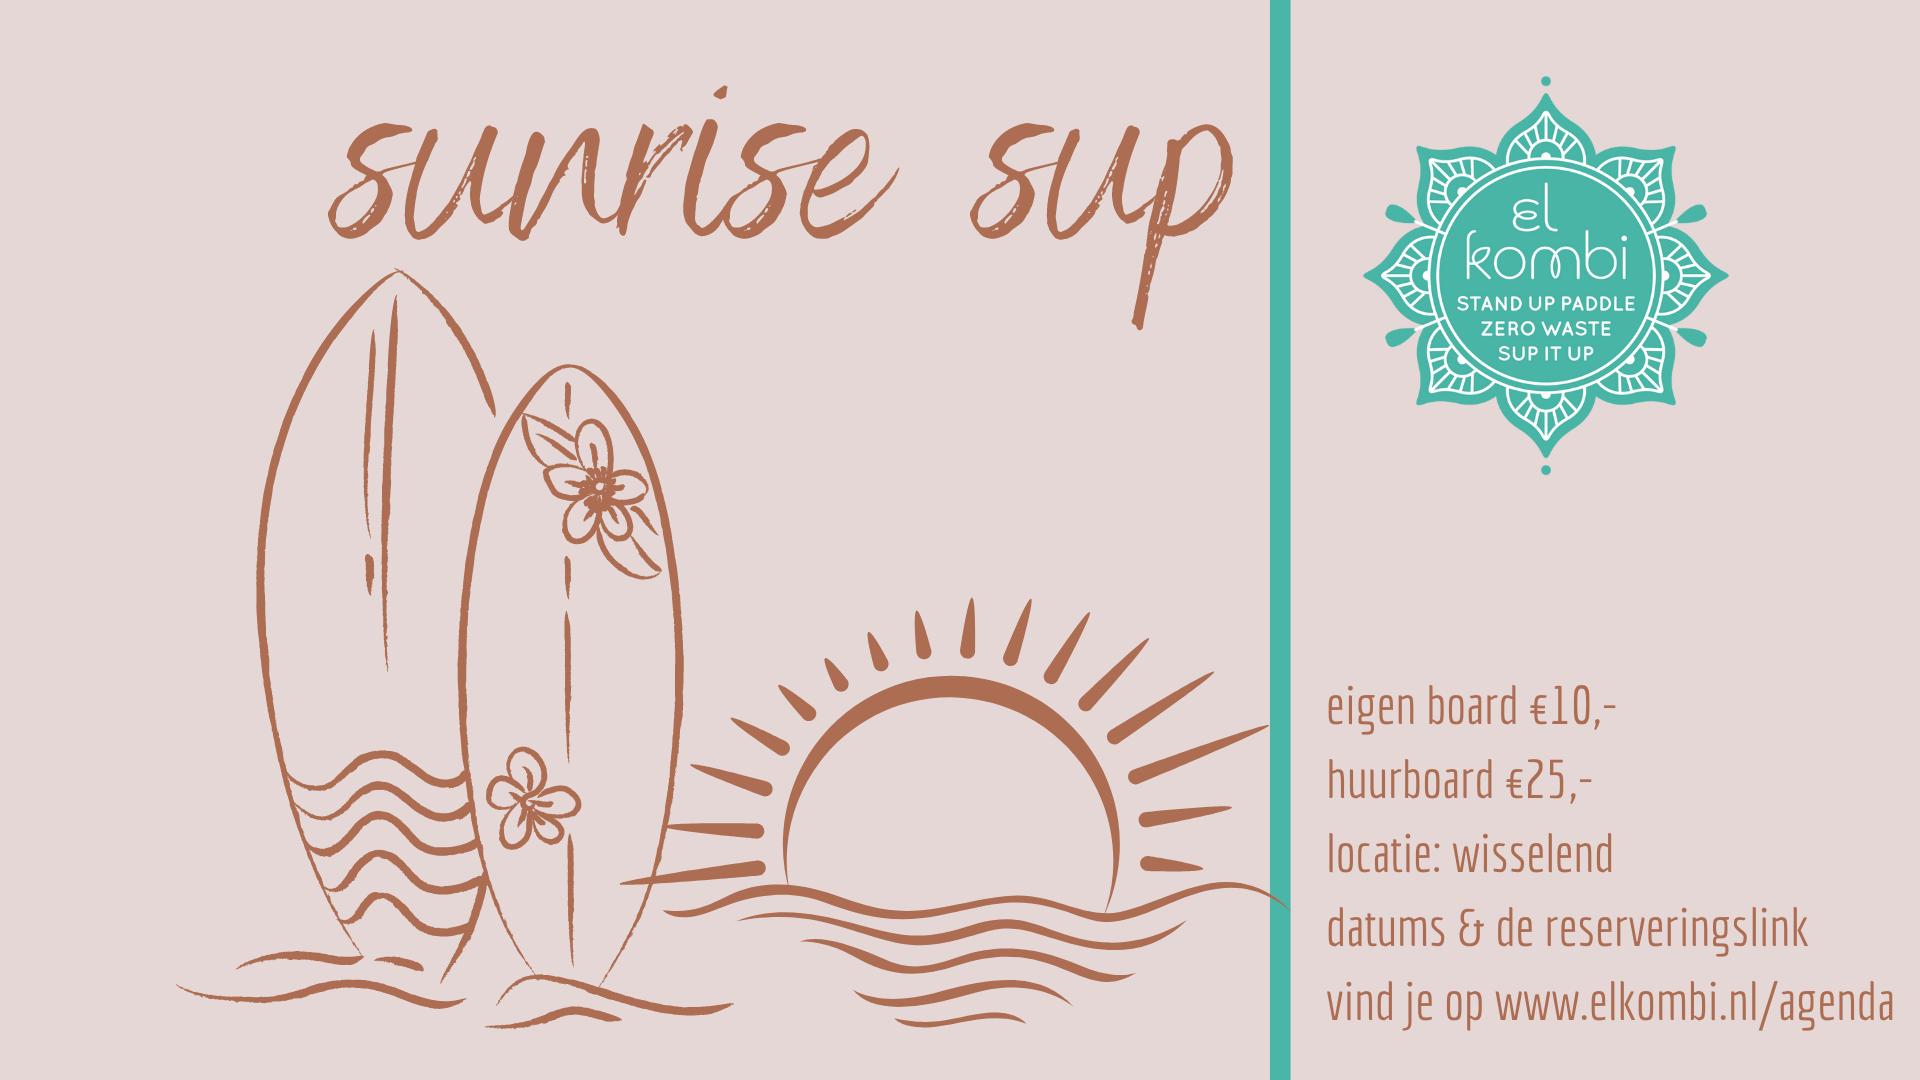 2021 Sunrise Sup Wisselend FB el kombi sup alkmaar